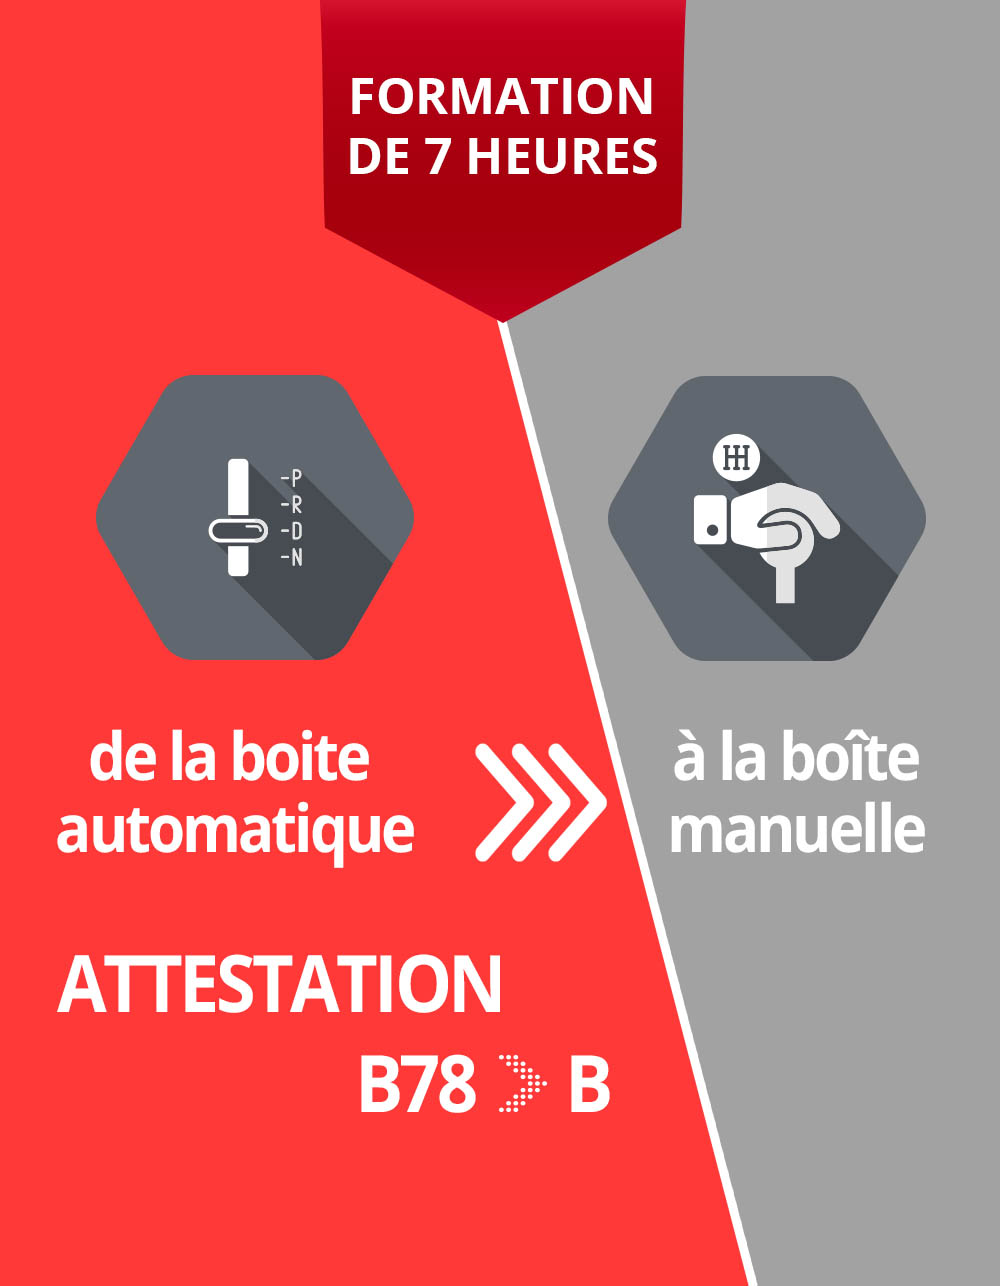 attestation_b_78_b